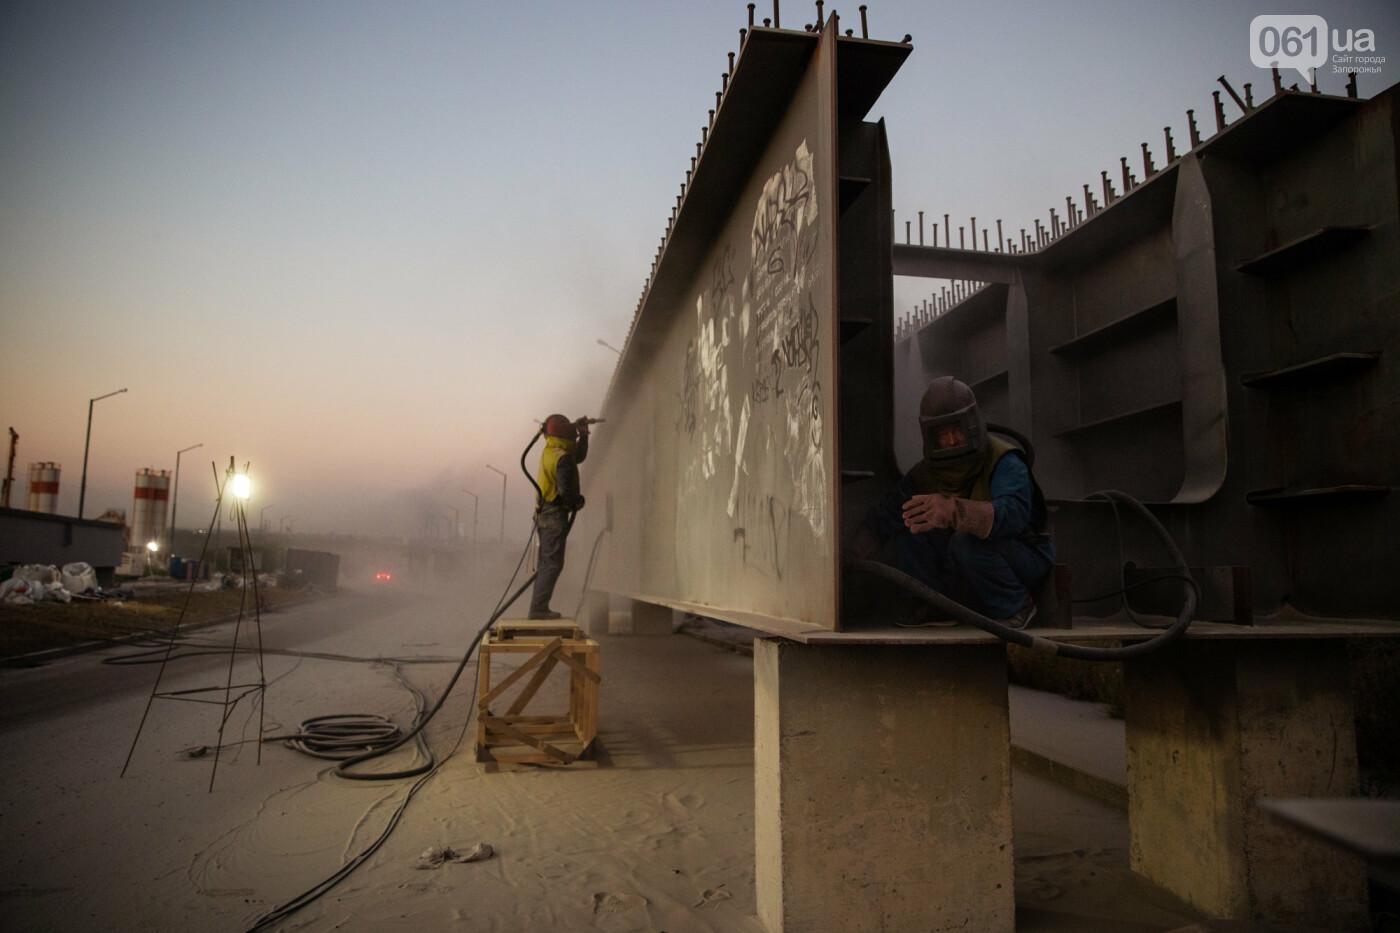 В Запорожье собирают балочный мост через Старый Днепр – строители работают даже ночью, - ФОТОРЕПОРТАЖ , фото-11